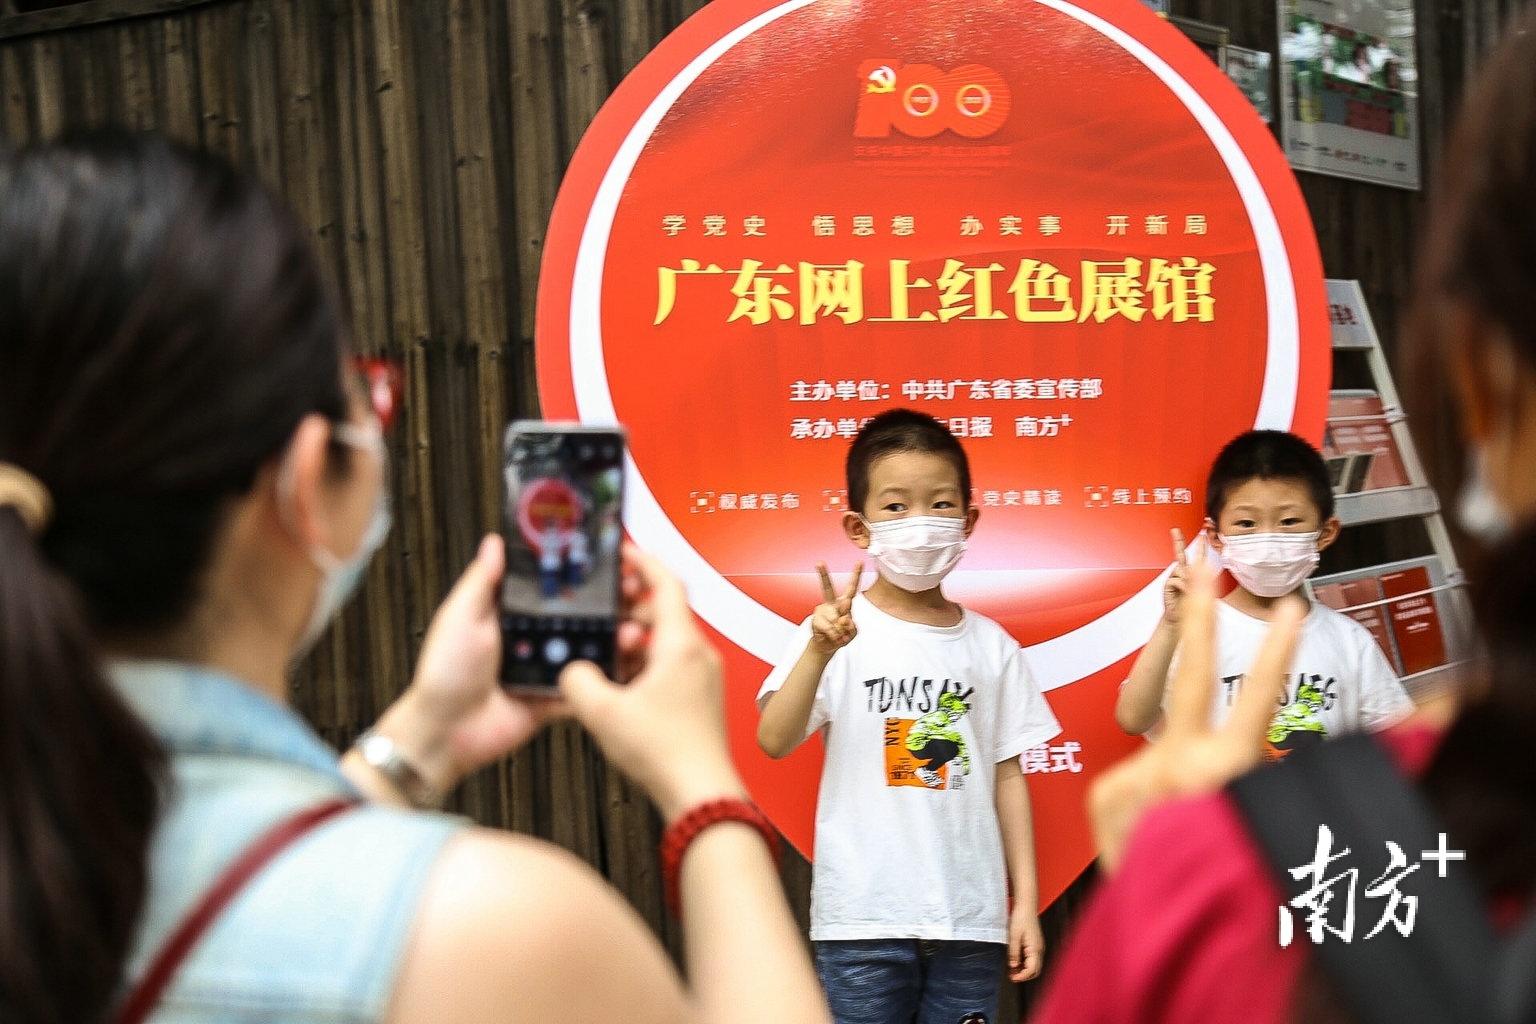 """""""五一""""假期,不少家长带着孩子前往毛泽东同志主办农民运动讲习所旧址纪念馆游览参观。图为孩子在广东网上红色展馆拍照板前合影留念。南方日报记者 张迪 实习生 姚佳烁 摄"""